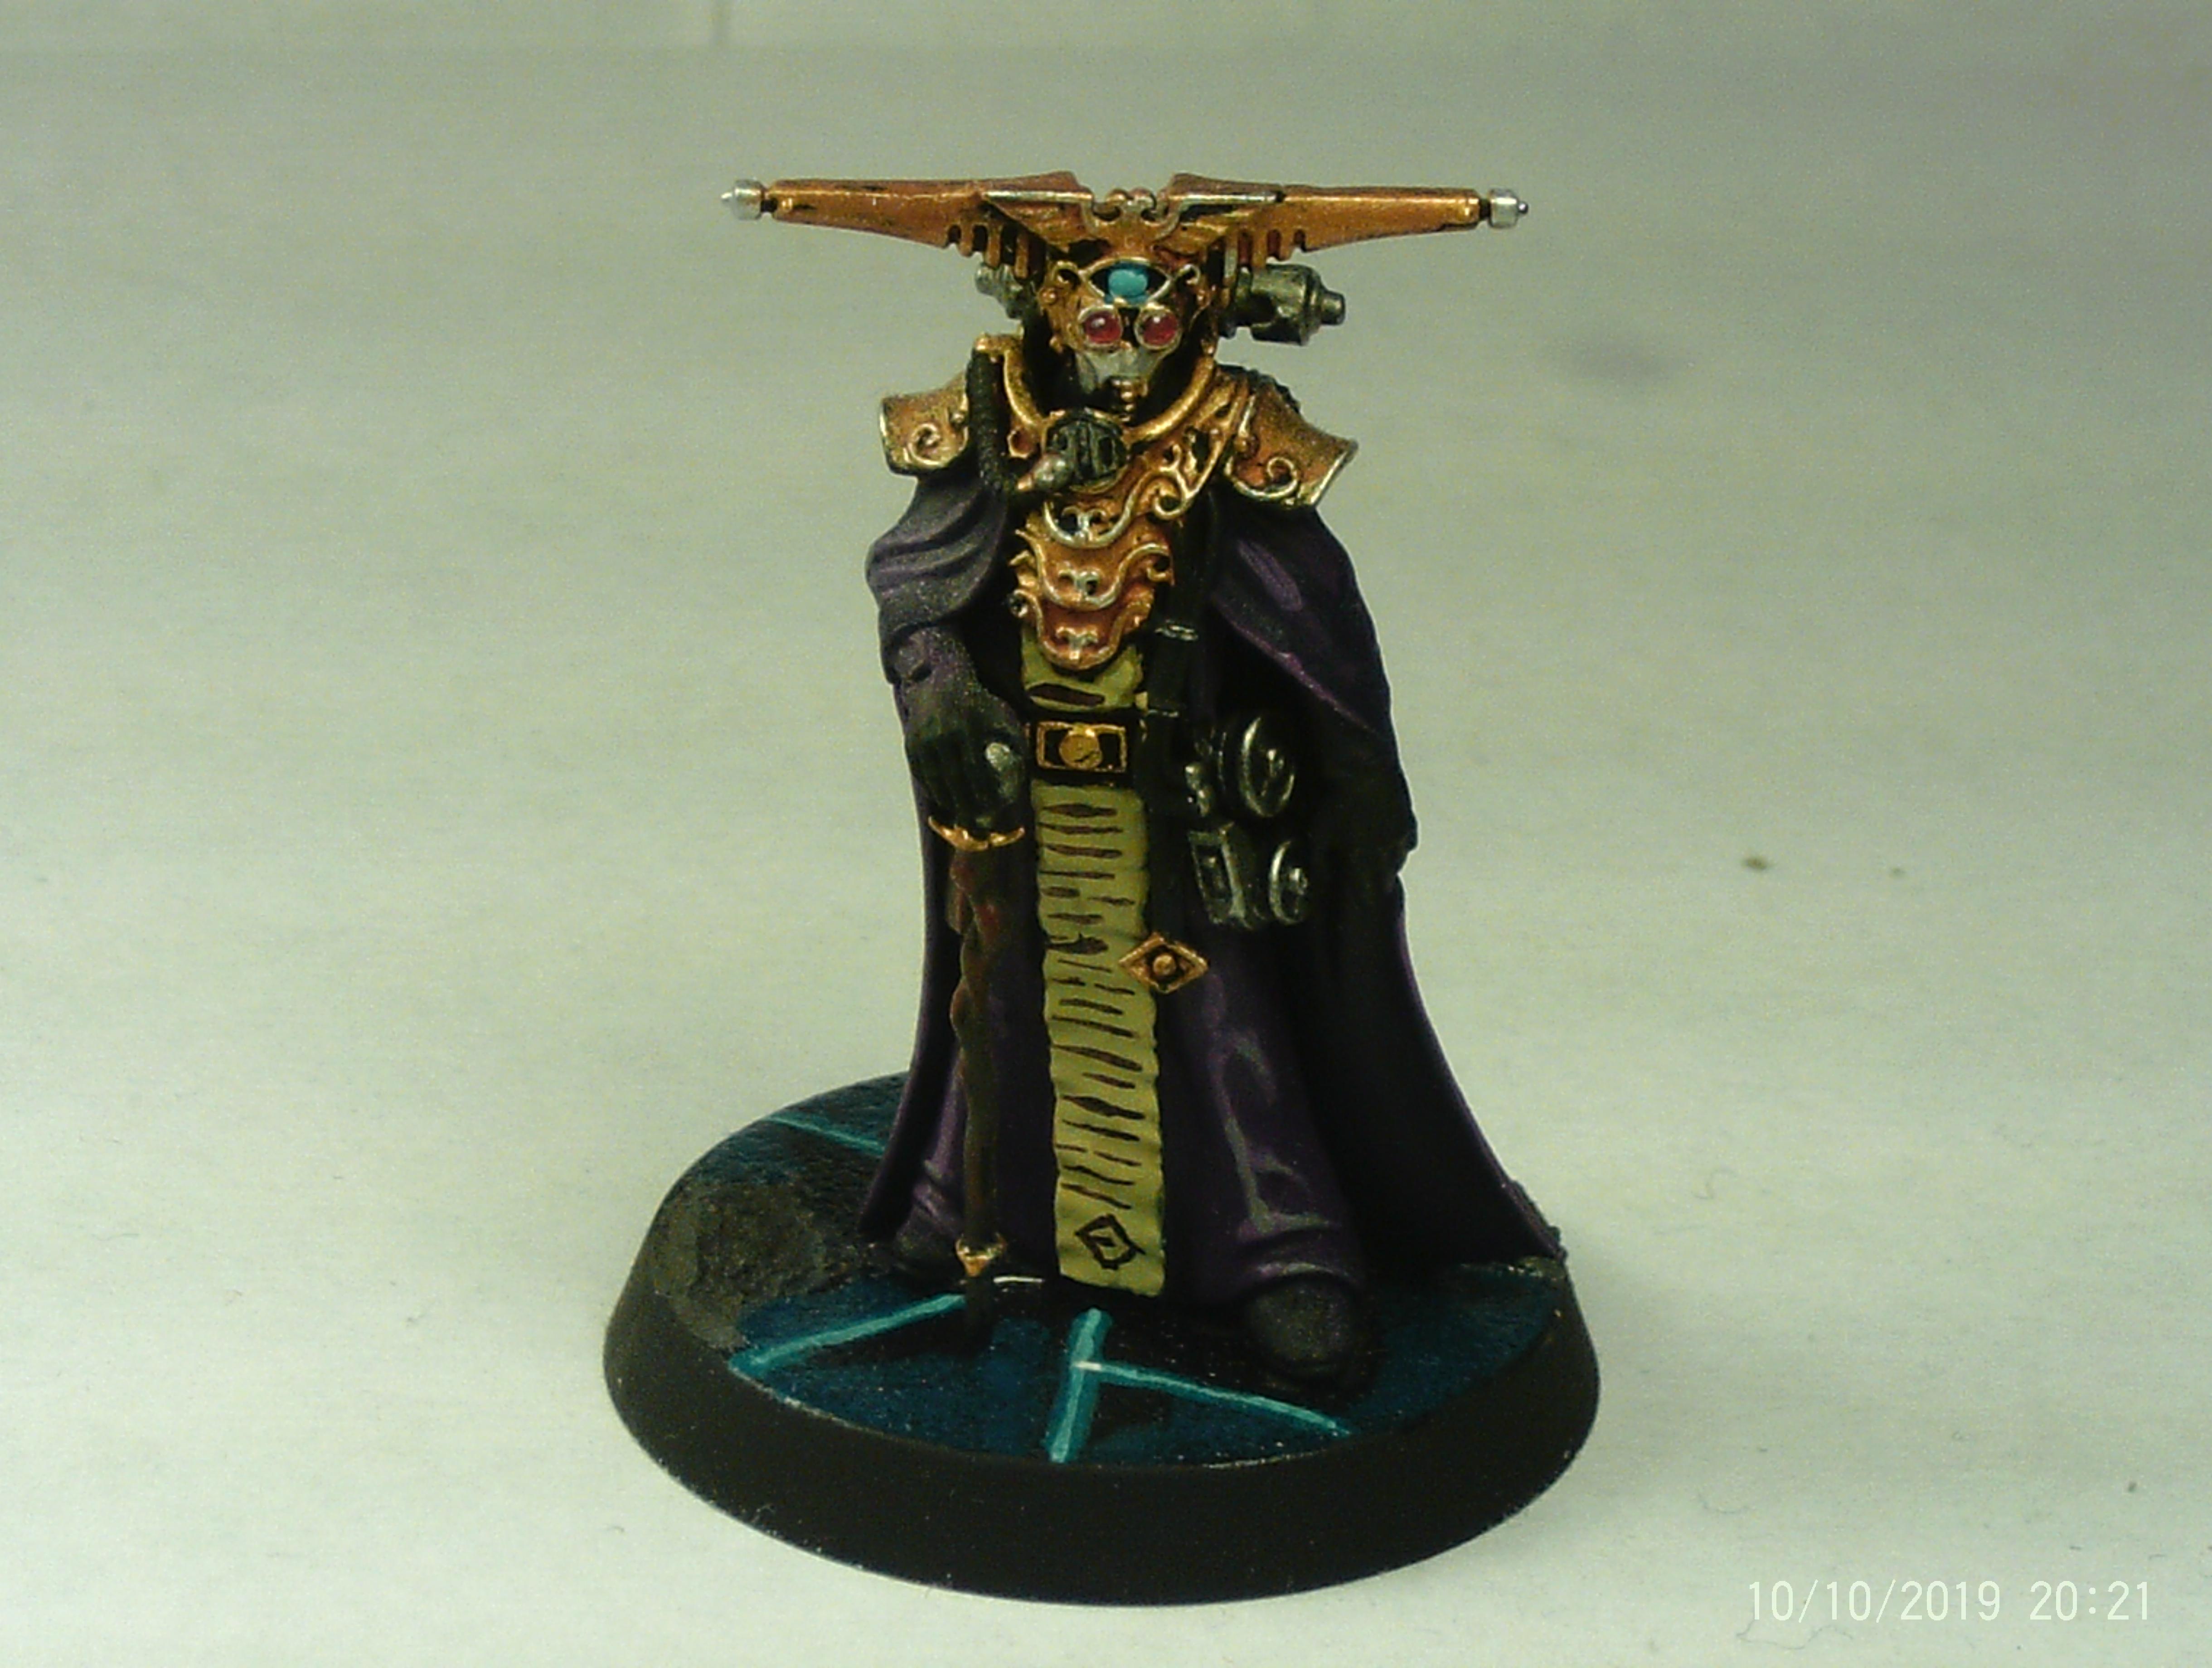 Navigator, Navis, Nobilite, Psyker, Wizard